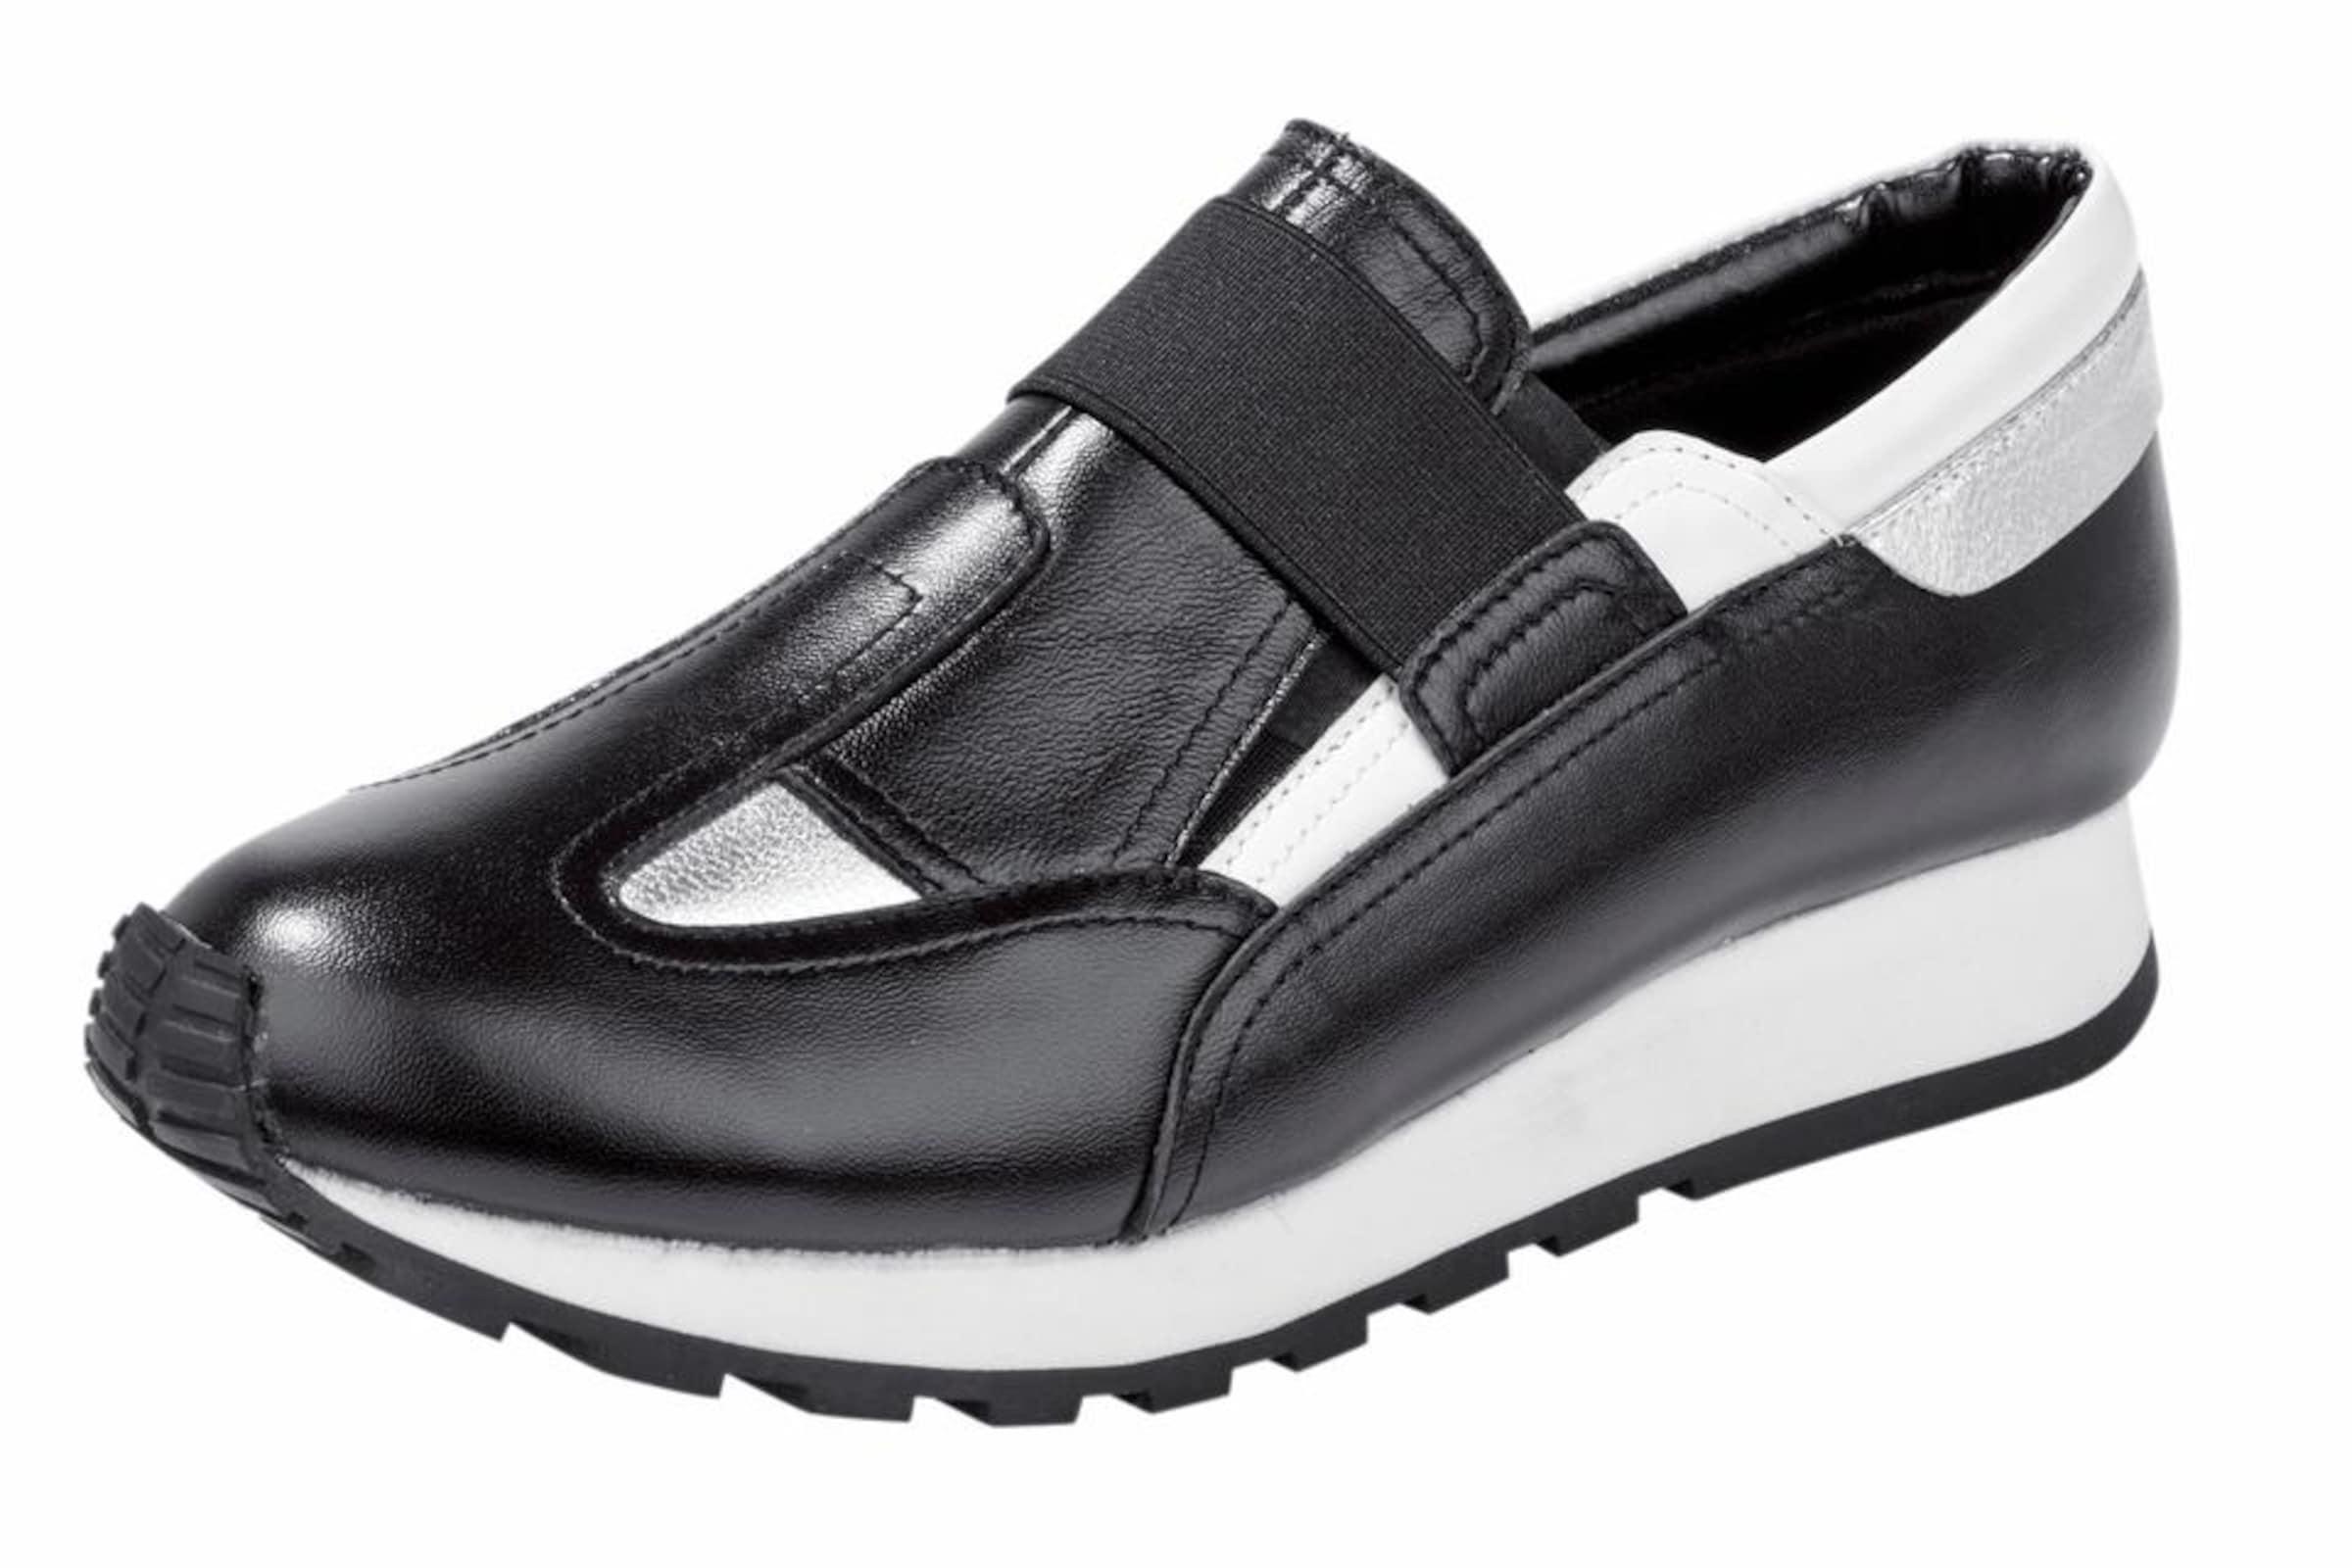 ANDREA CONTI Sneaker Verschleißfeste Schuhe billige Schuhe Verschleißfeste fd2ef1